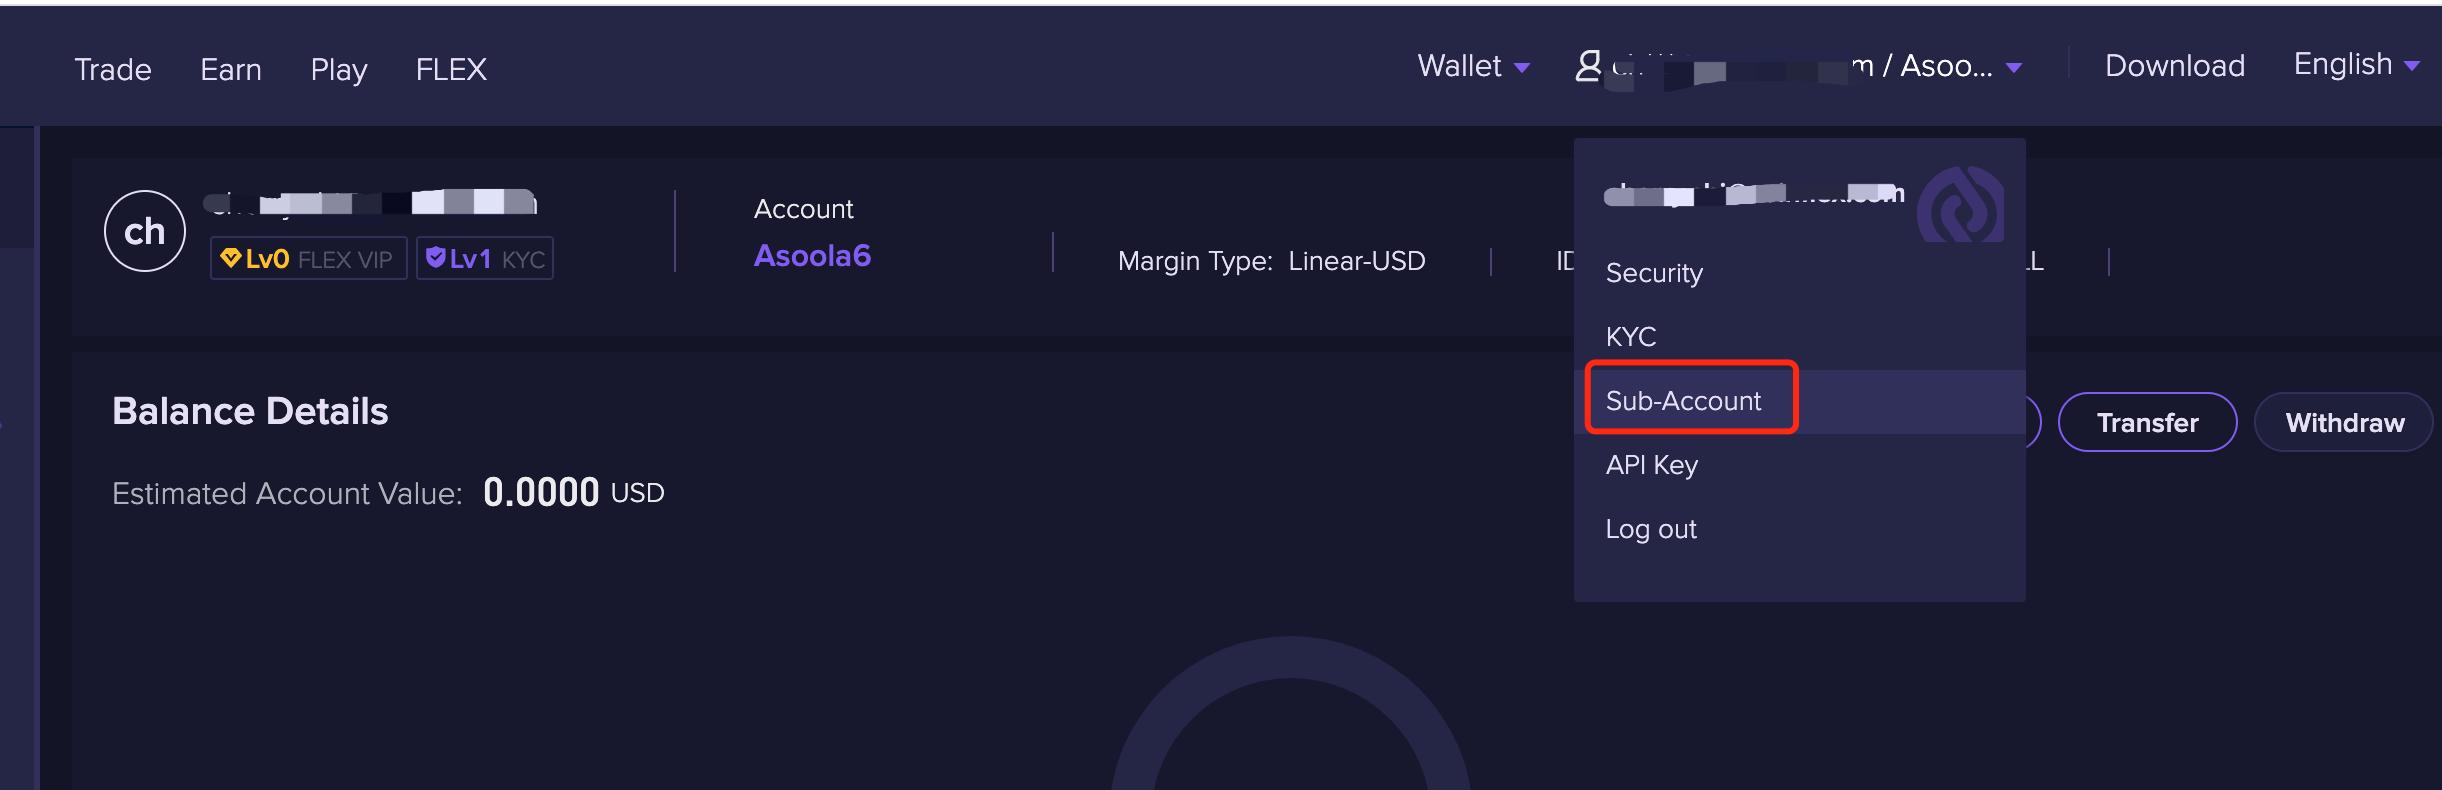 ID1 1.2.10 Checking sub account ID